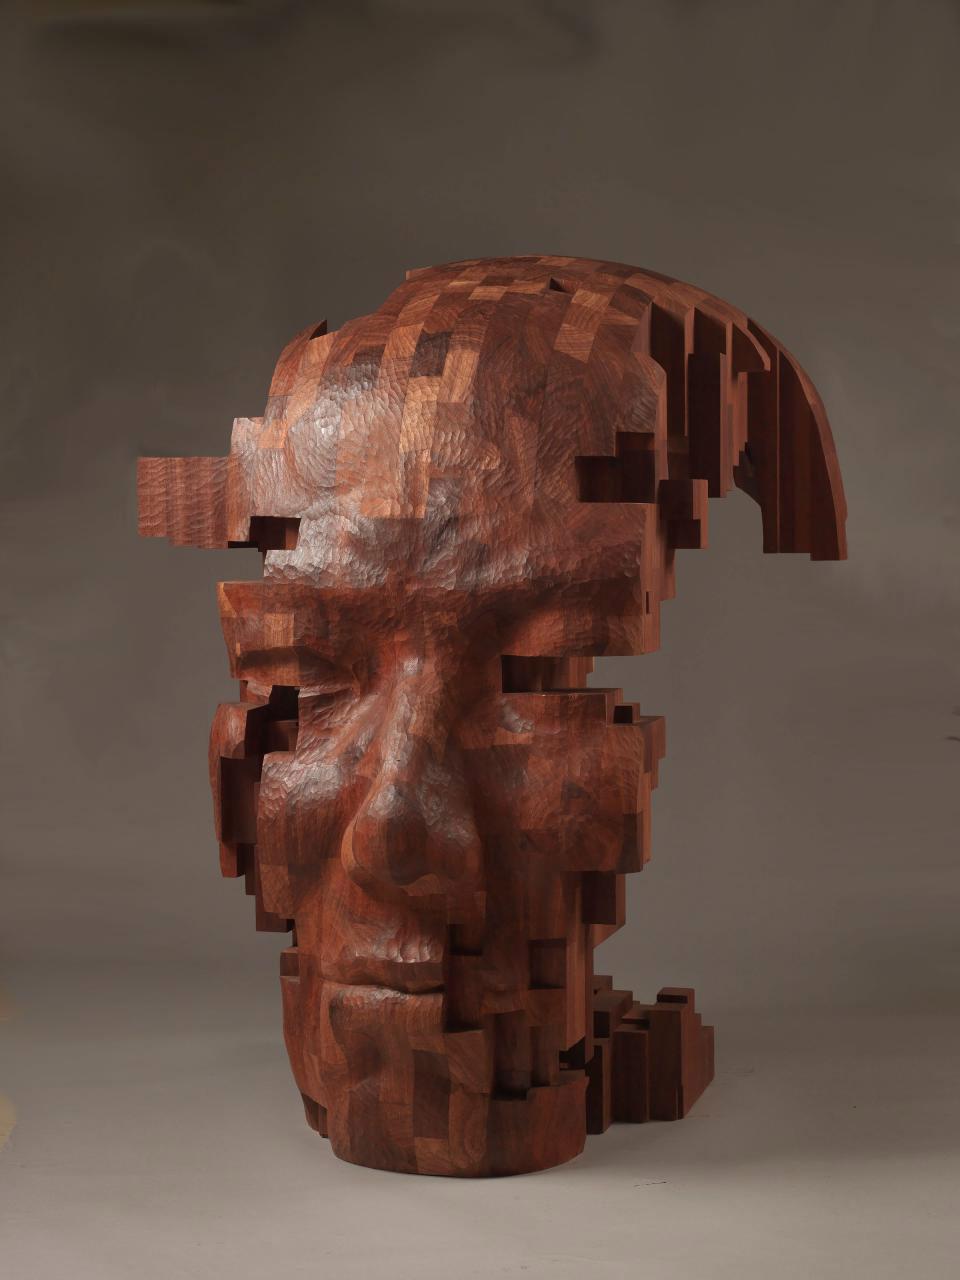 sculture-legno-pixel-hsu-tung-han-4